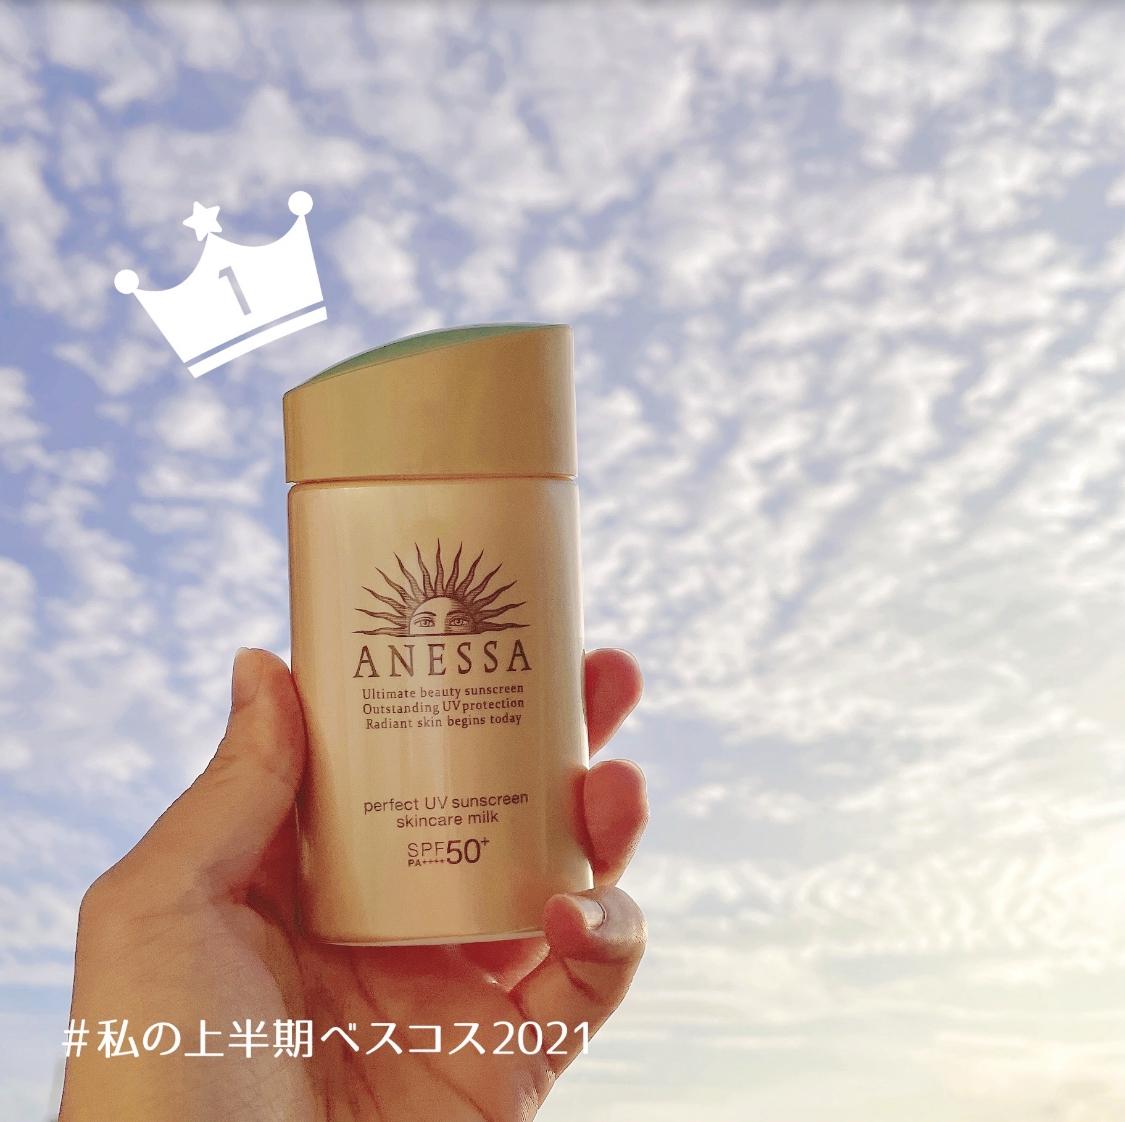 ANESSA(アネッサ)パーフェクトUV スキンケアミルク aを使ったなゆさんのクチコミ画像1